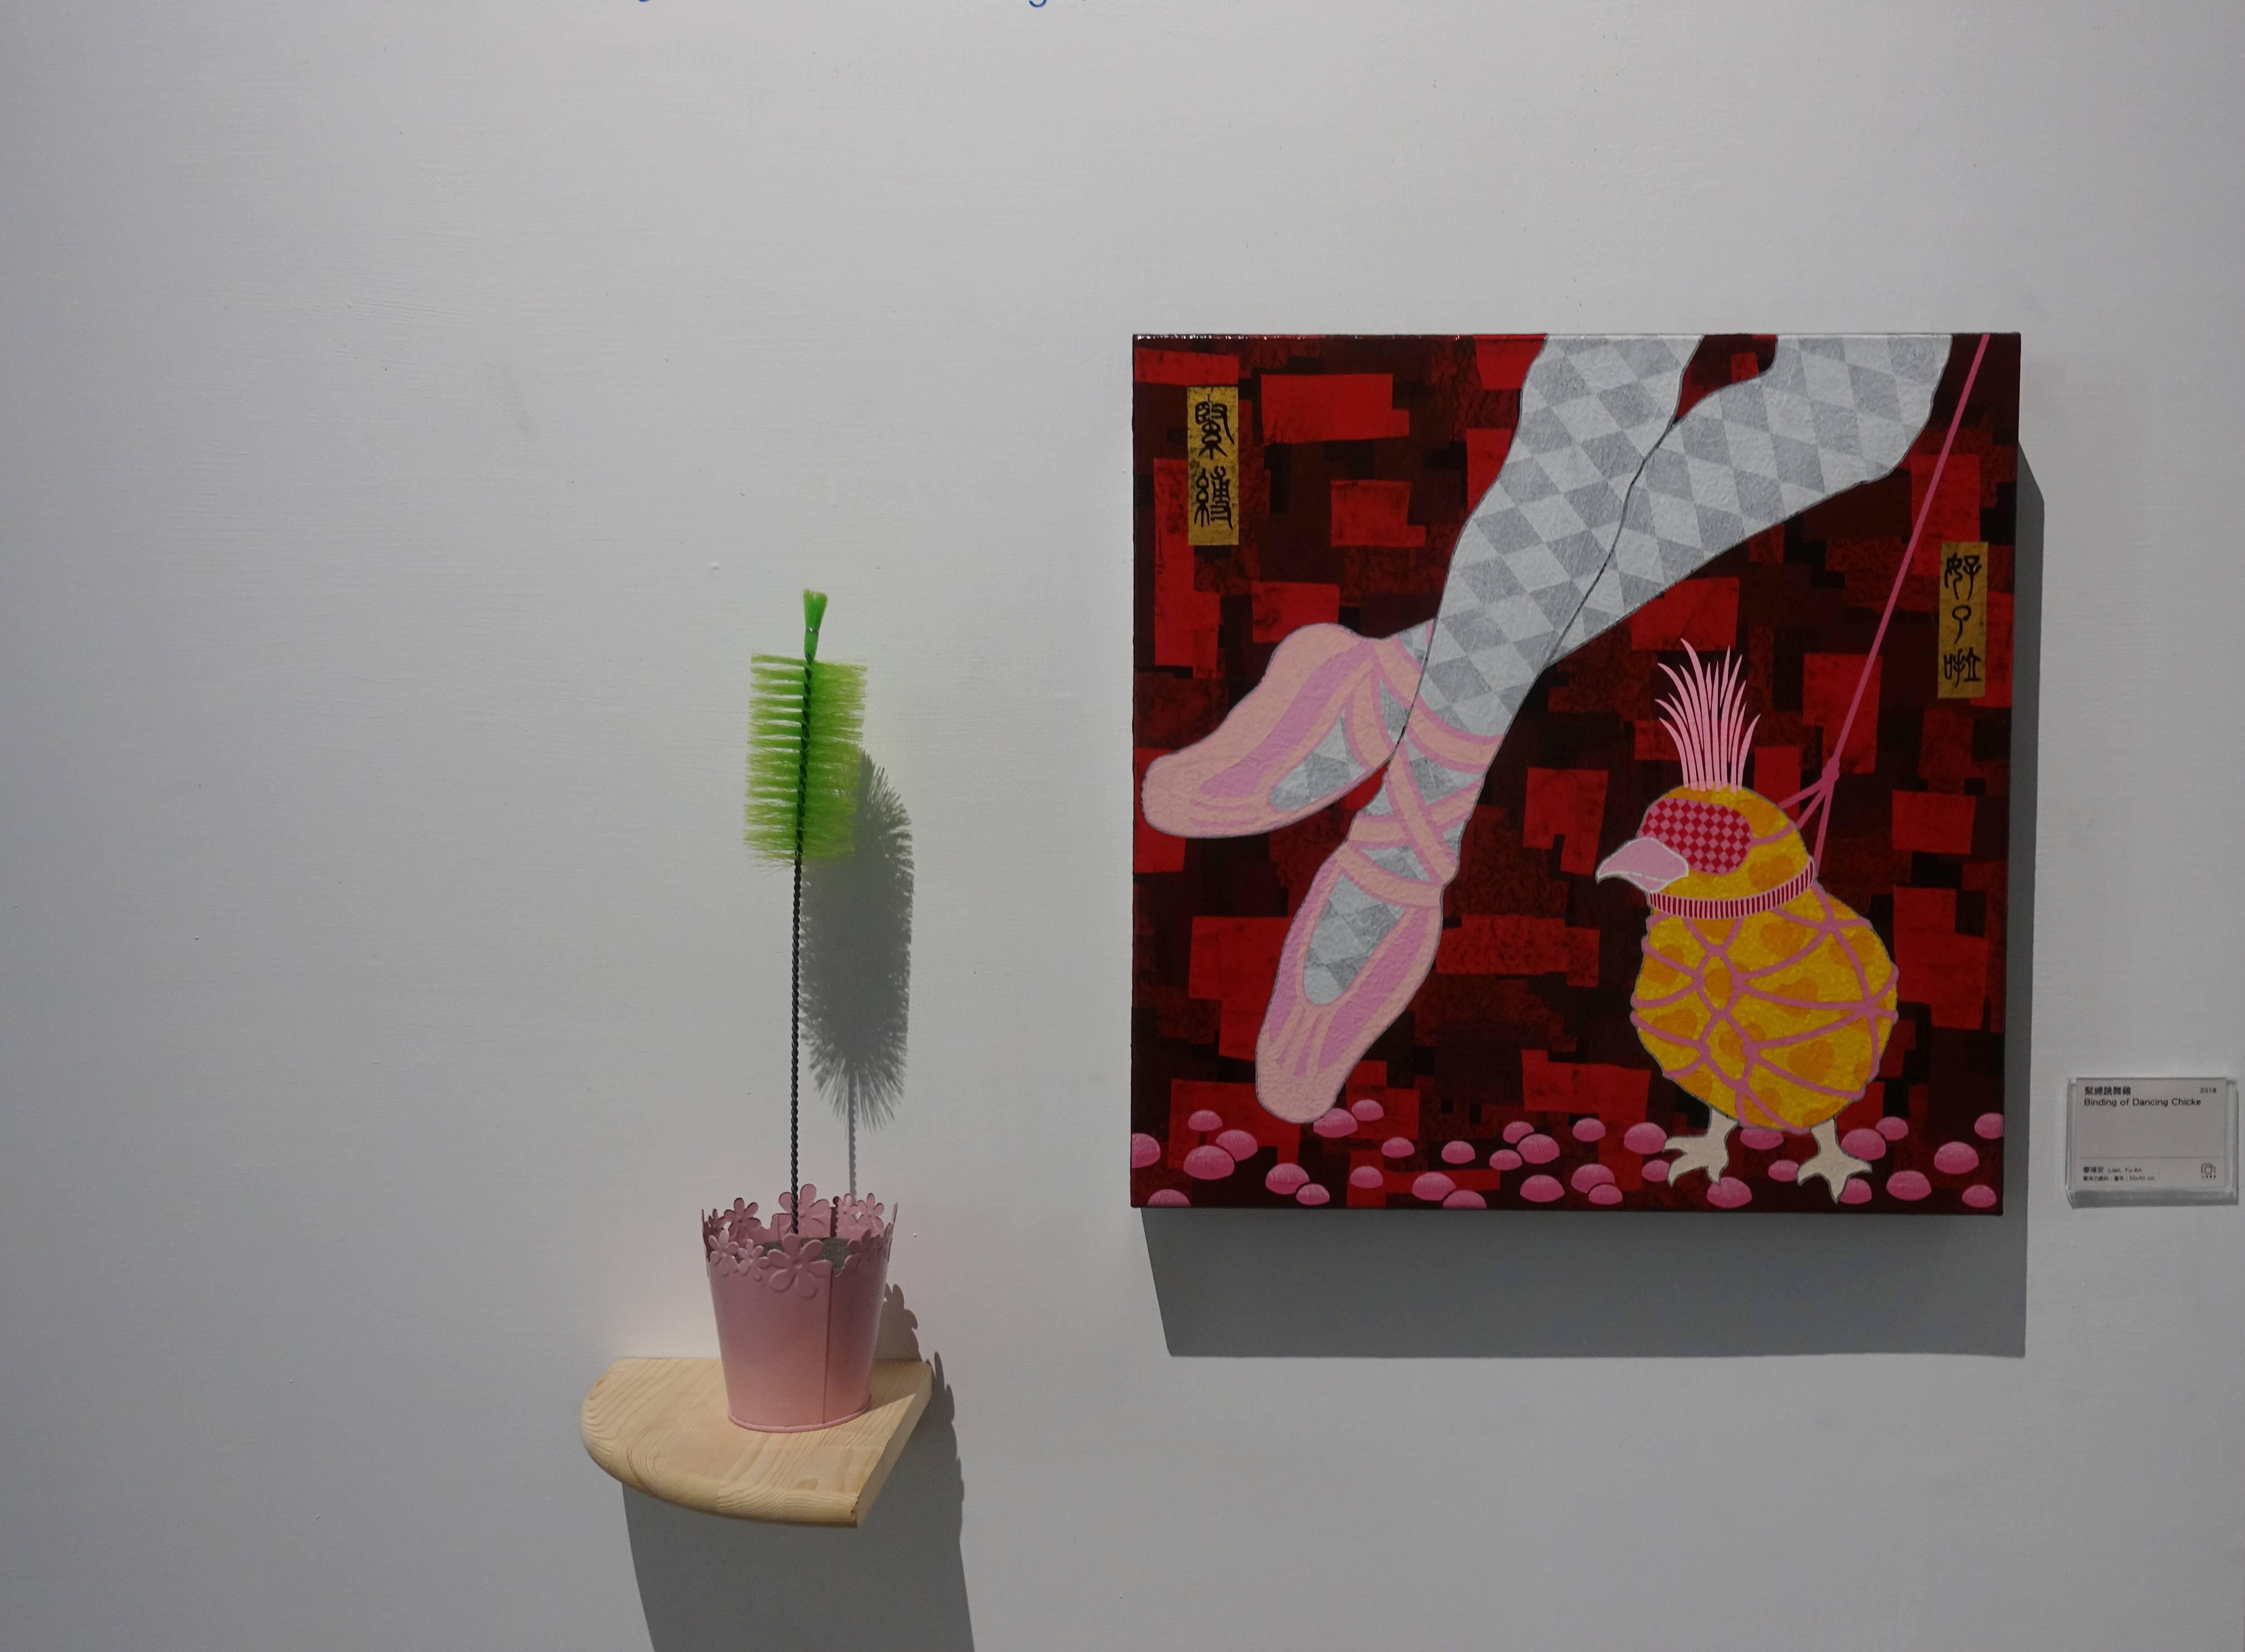 廖堉安,《緊縛跳舞雞Binding of Dancing Chicken》,壓克力、畫布,50x50 cm,2018。